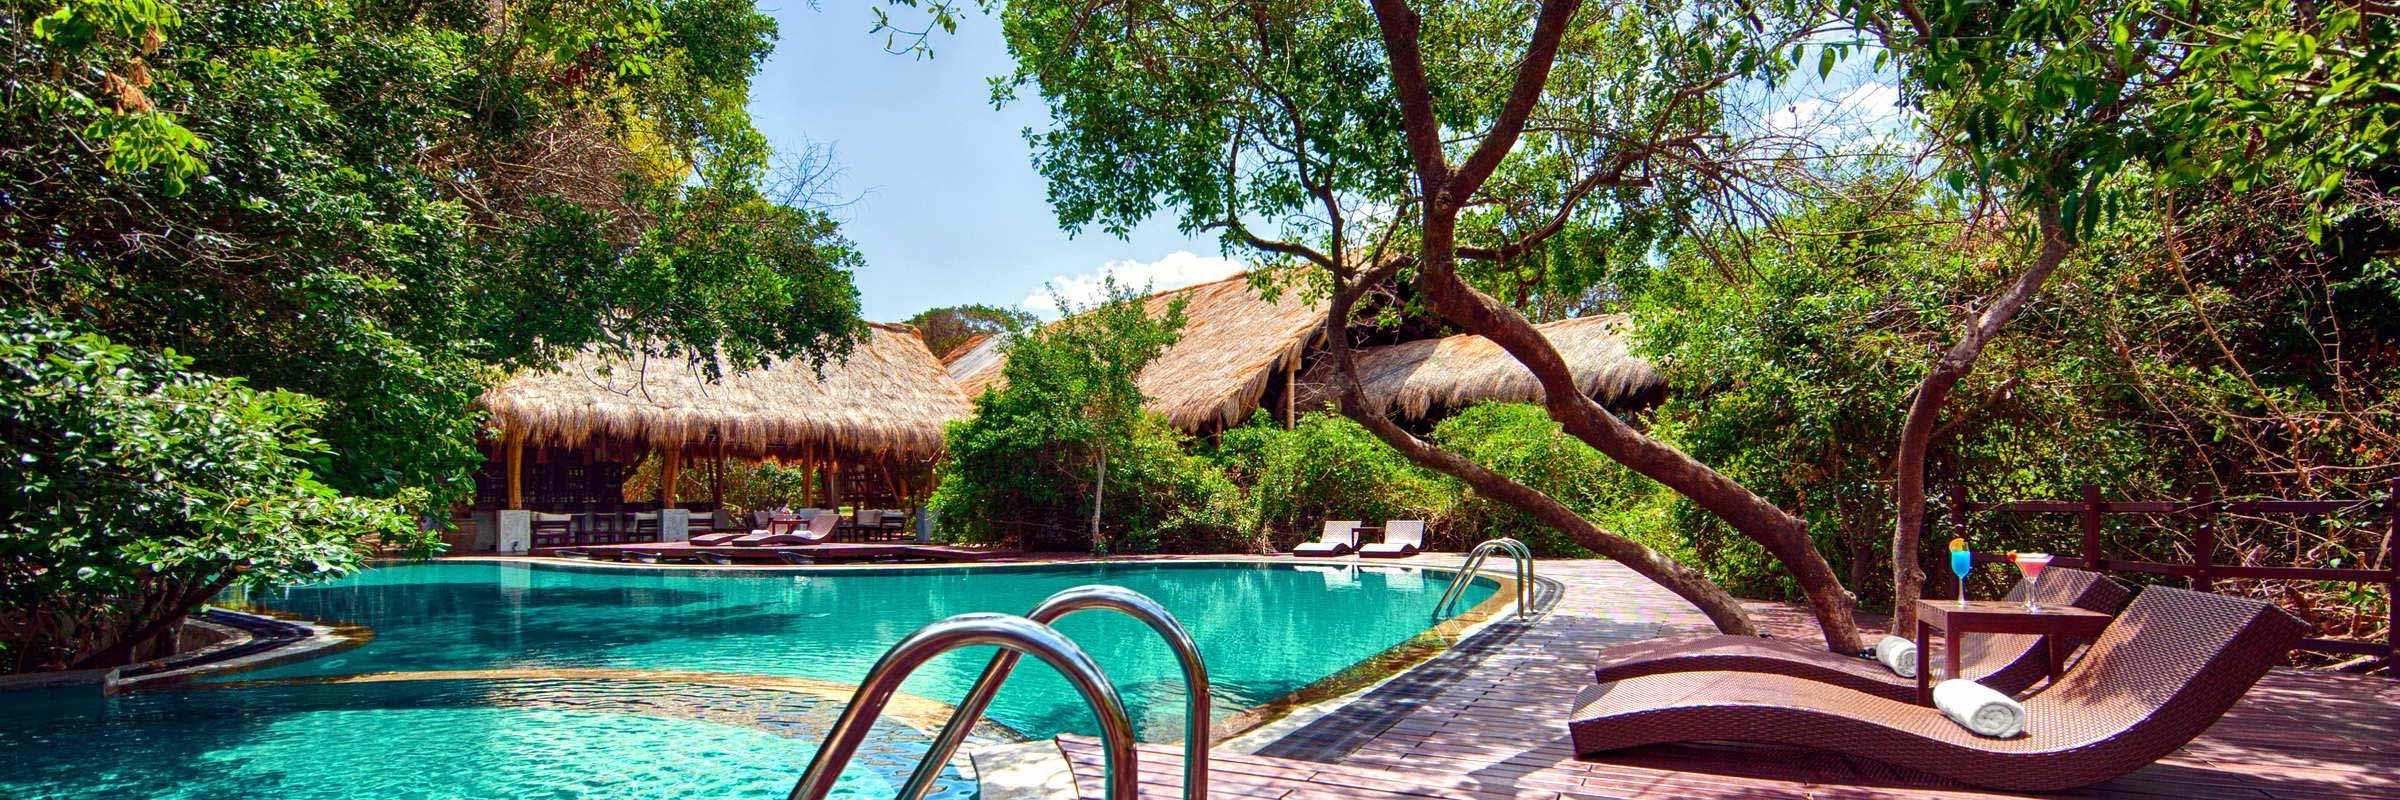 Der Pool mit ausladender Sonnenterrasse des Jungle Beach